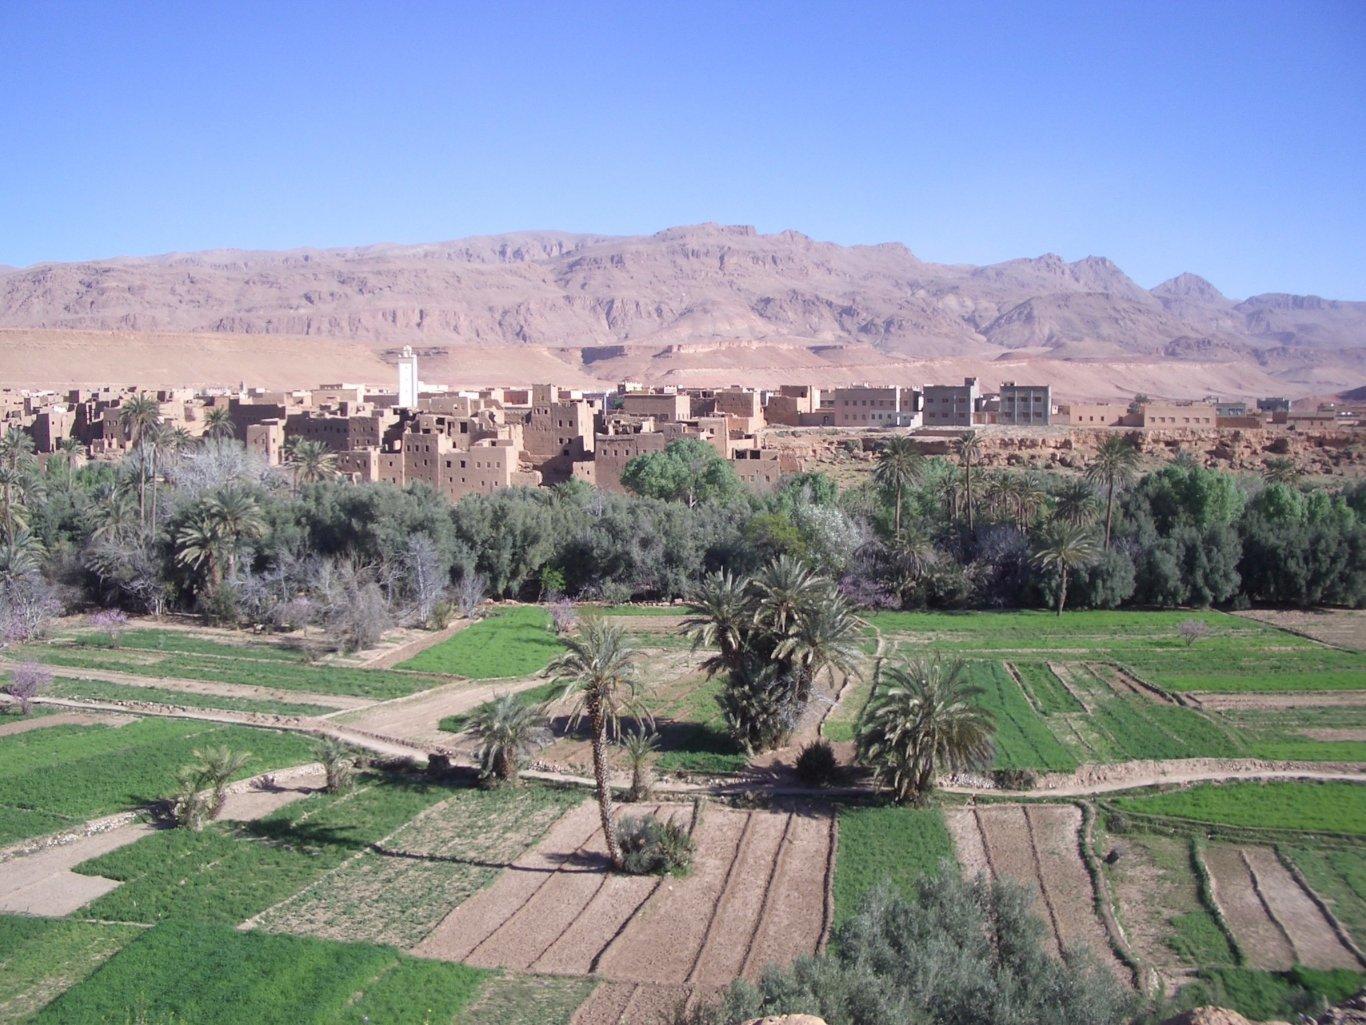 14-Day Imperial Cities, Sahara, High Atlas & Atlantic Coast - Morocco Itinerary